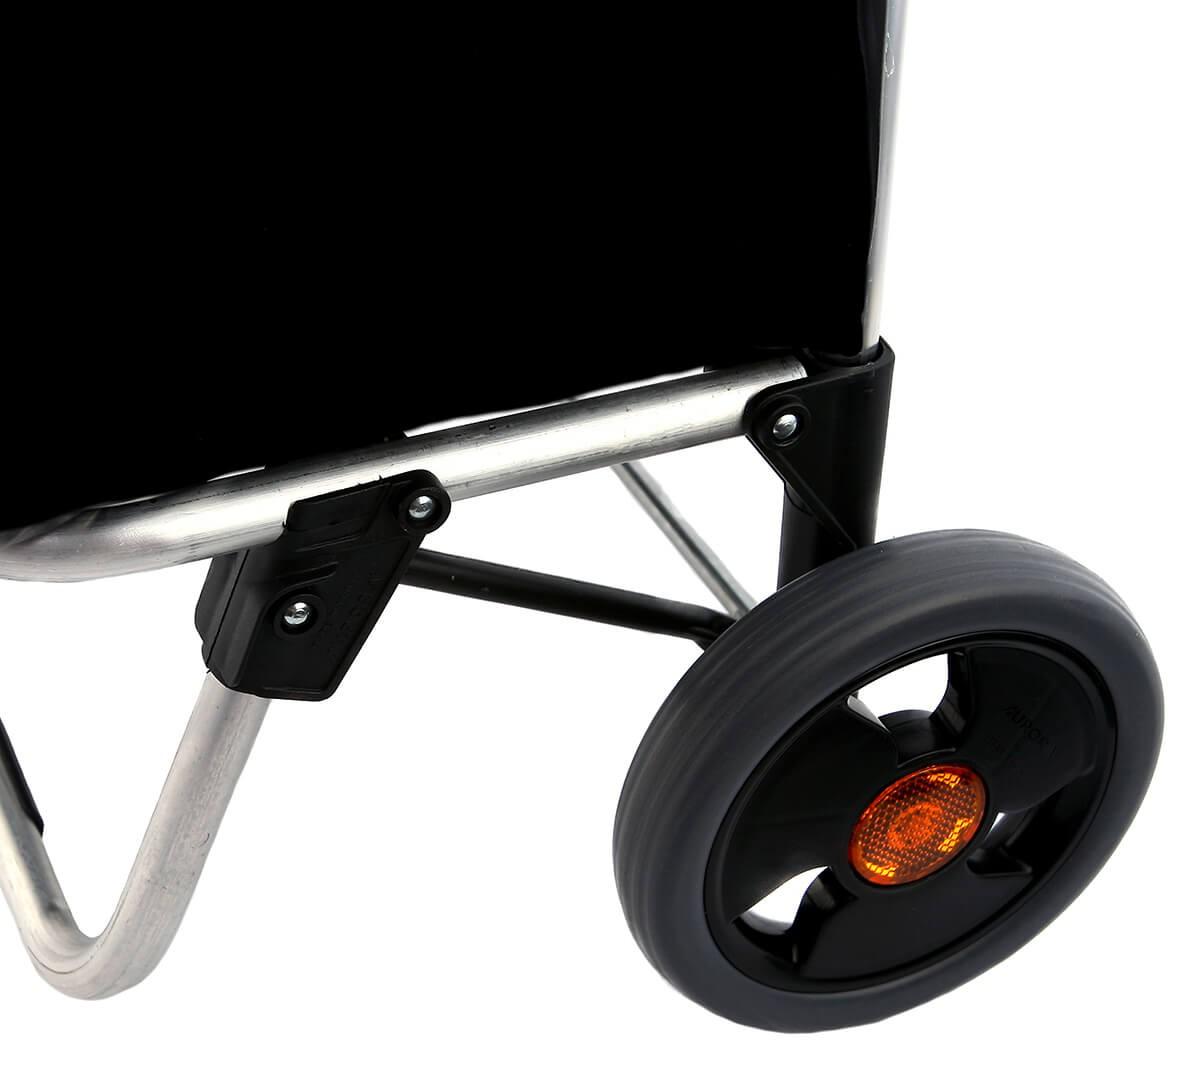 Kółka wózka na zakupy Aurora City London z widocznymi odblaskami